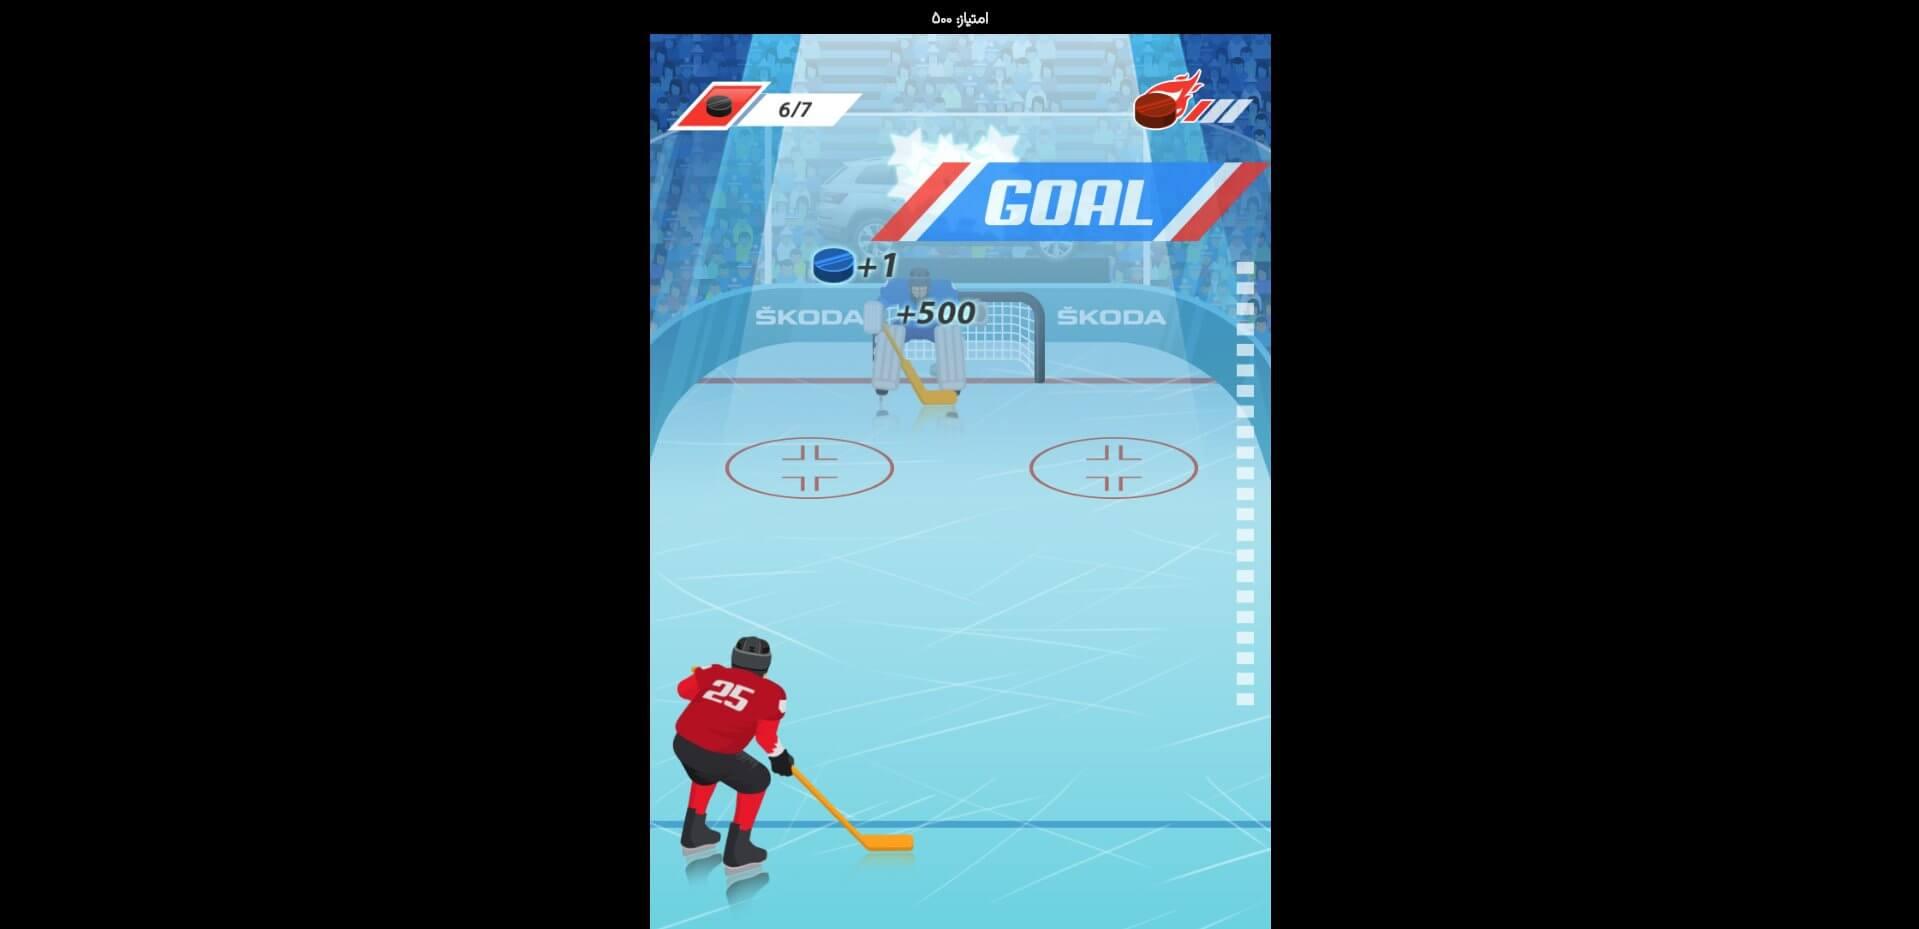 راهنمای بازی آنلاین هاکی رو یخ